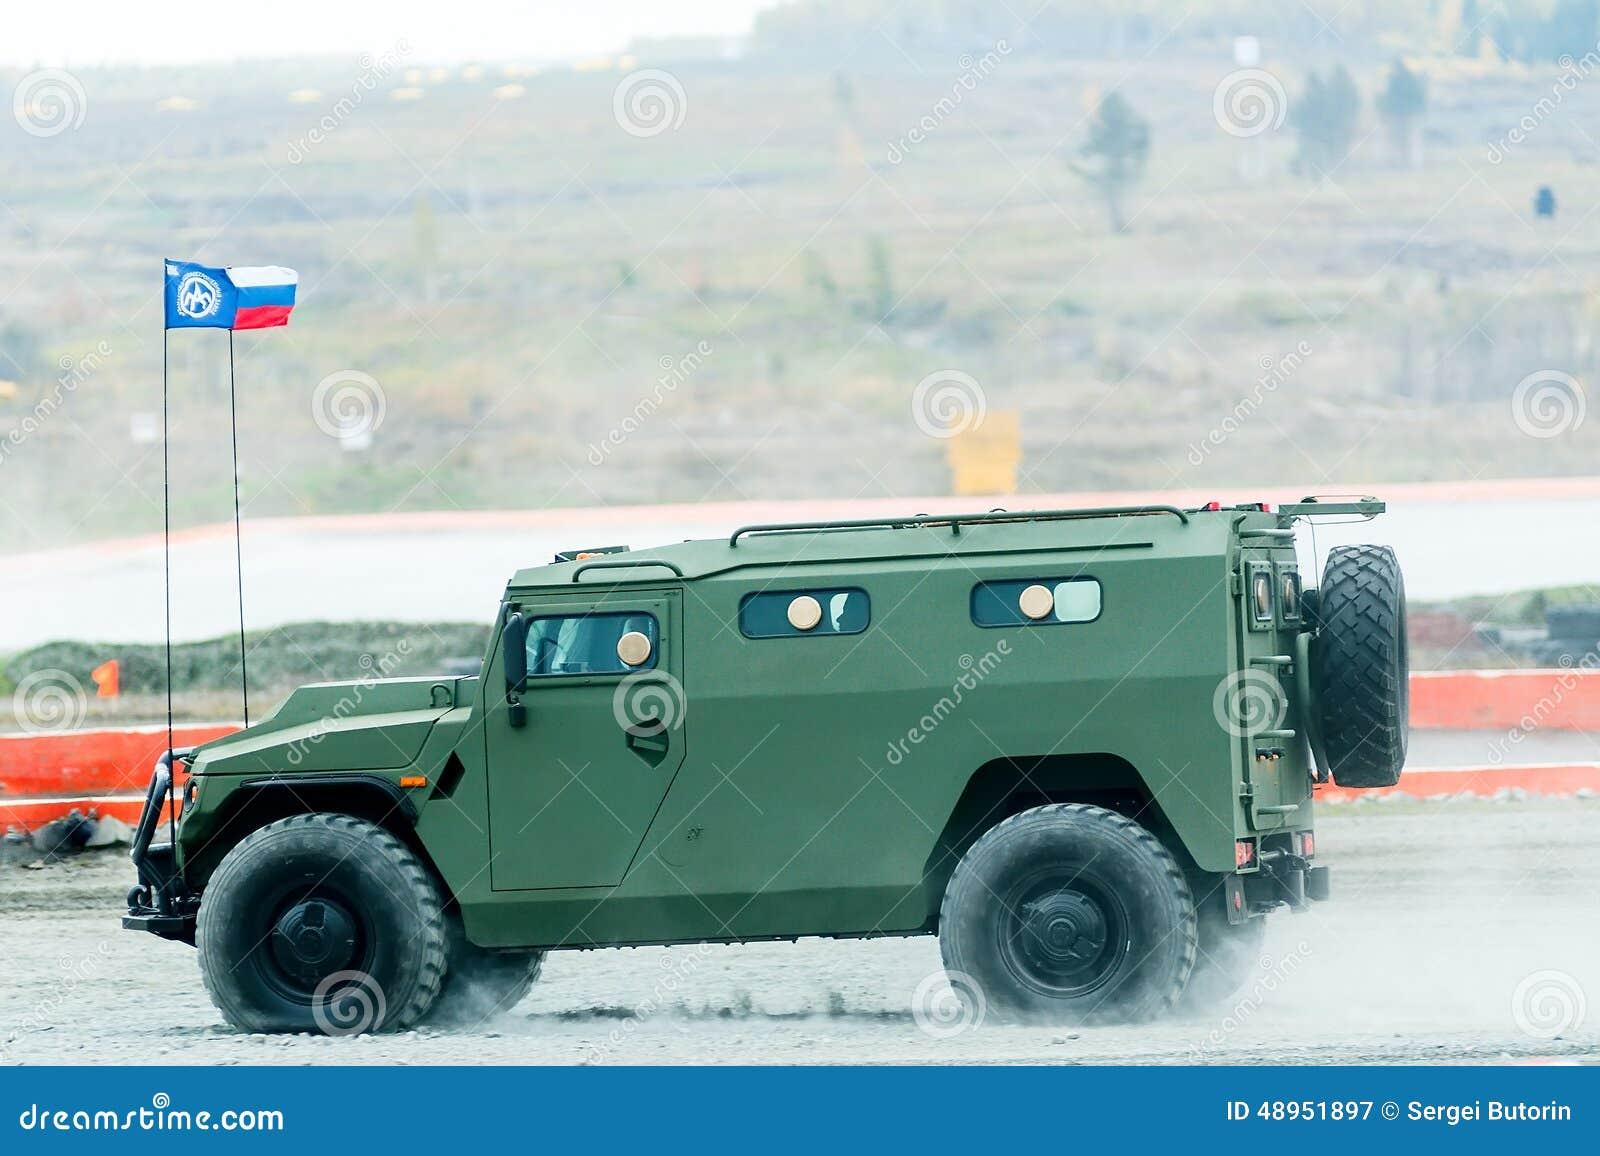 Veicolo blindato della tigre-M. VIPS-233115 La Russia